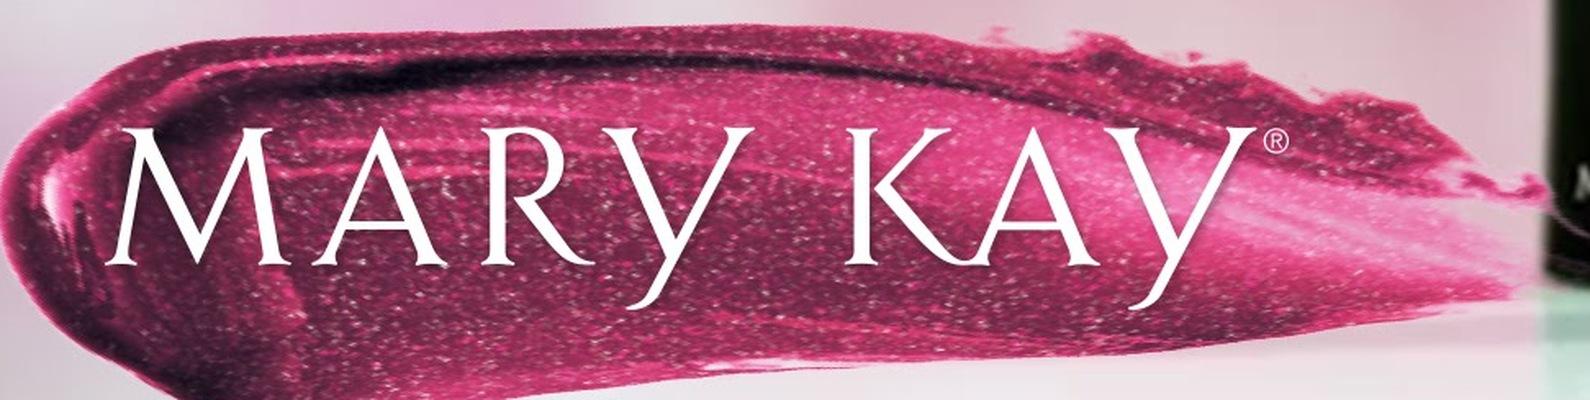 Бестселлеры компании Mary Kay